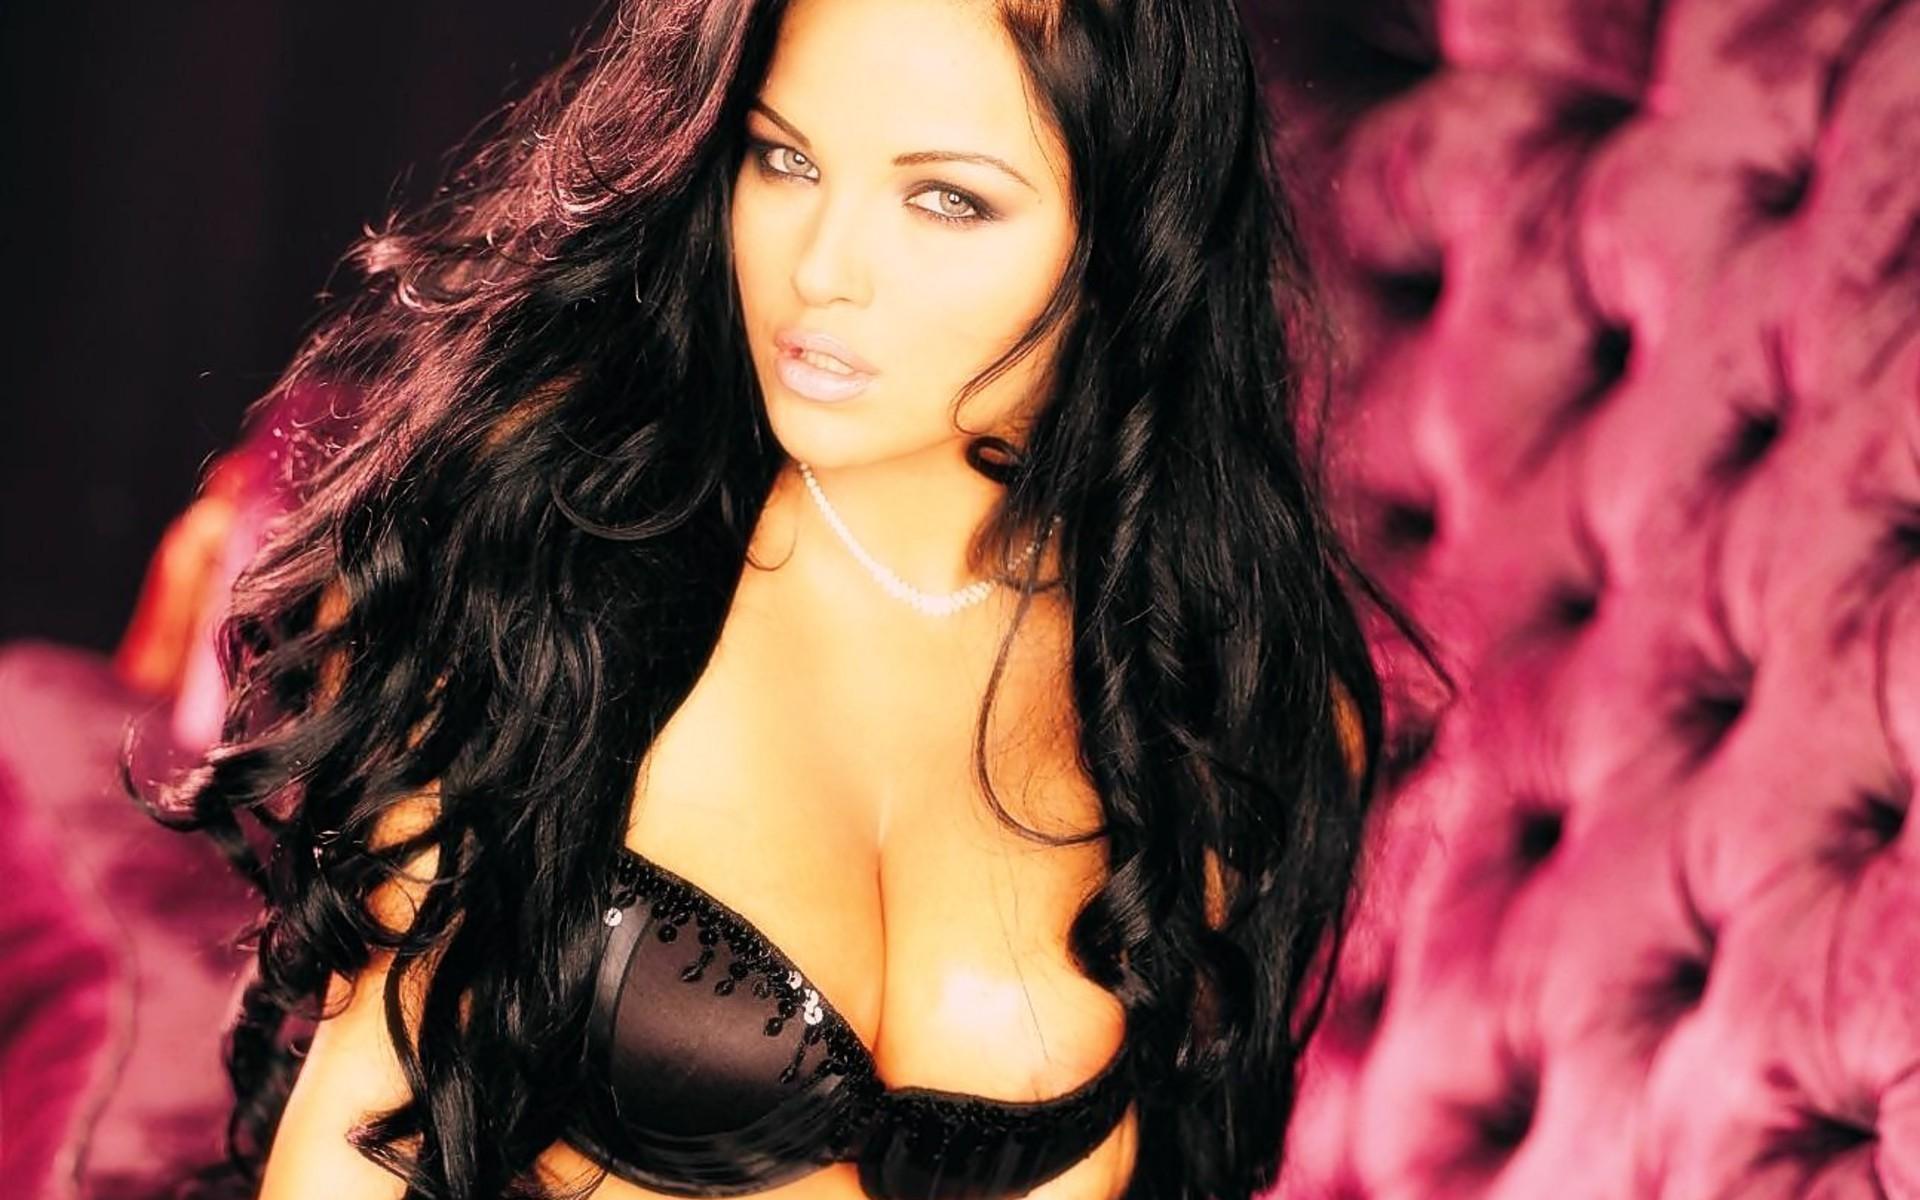 sexo de celebridades escorts perla negra